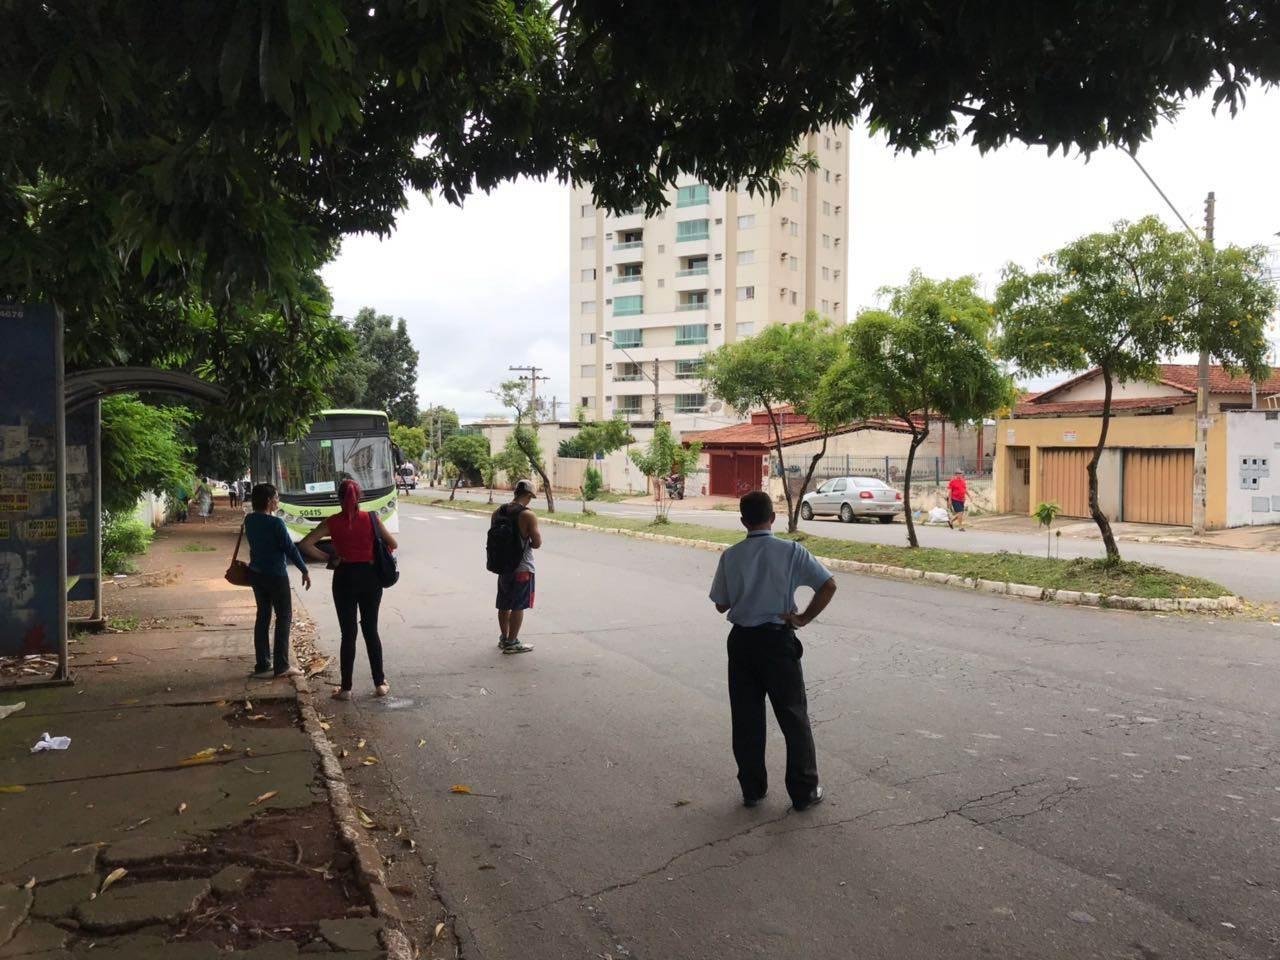 Passageiros aguardam ônibus na rua, no Setor Universitário | Foto: Thiago Araújo